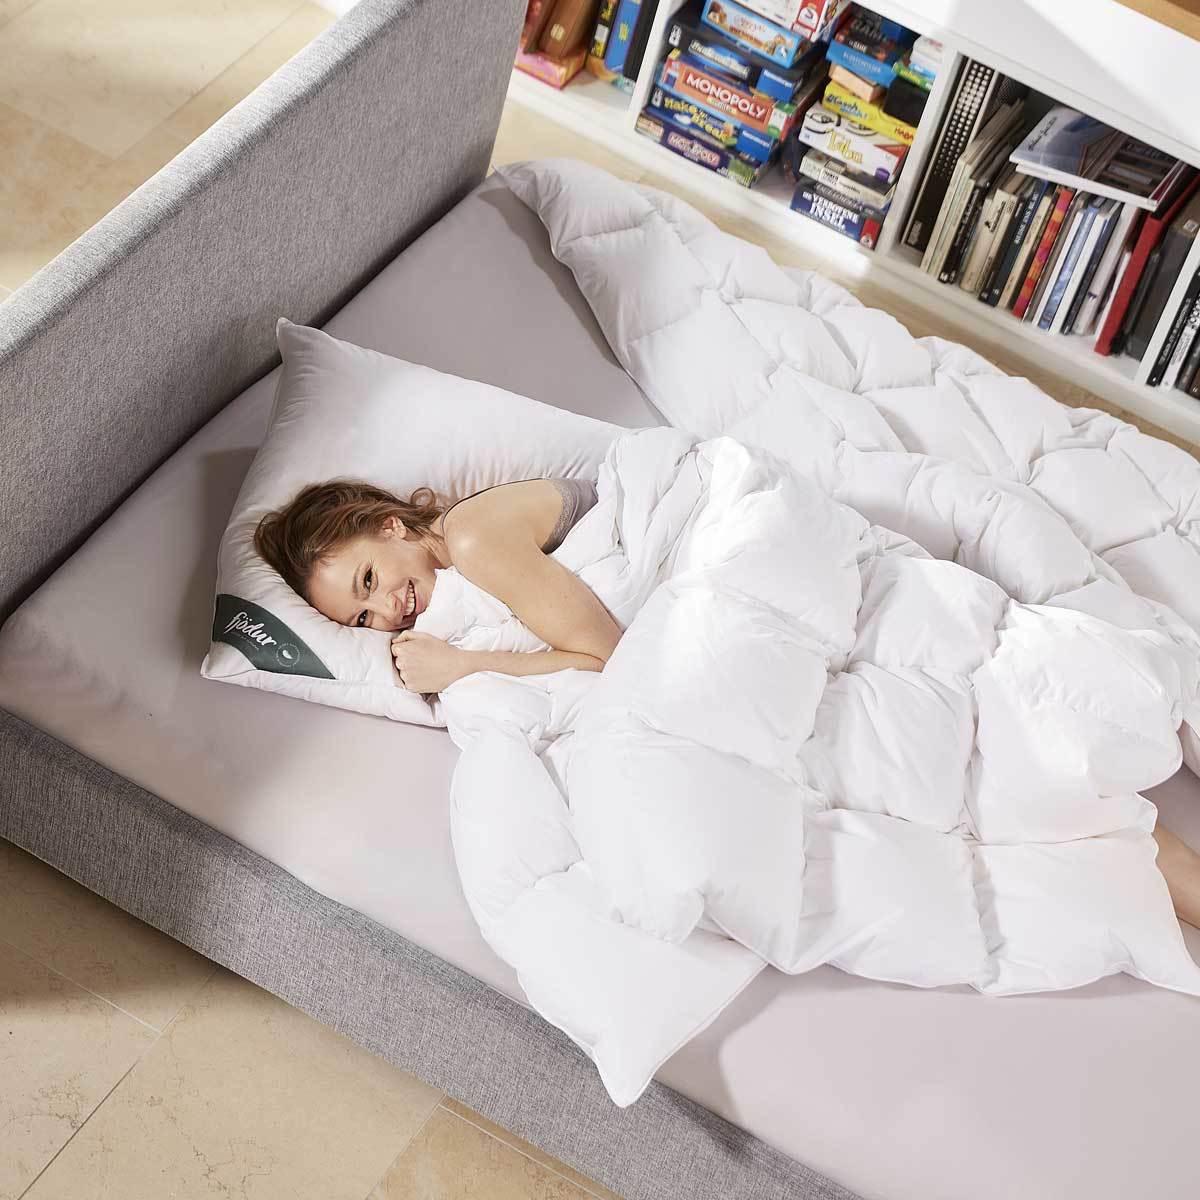 fj dur feder kopfkissen 70 federn 30 daunen g nstig online kaufen bei bettwaren shop. Black Bedroom Furniture Sets. Home Design Ideas